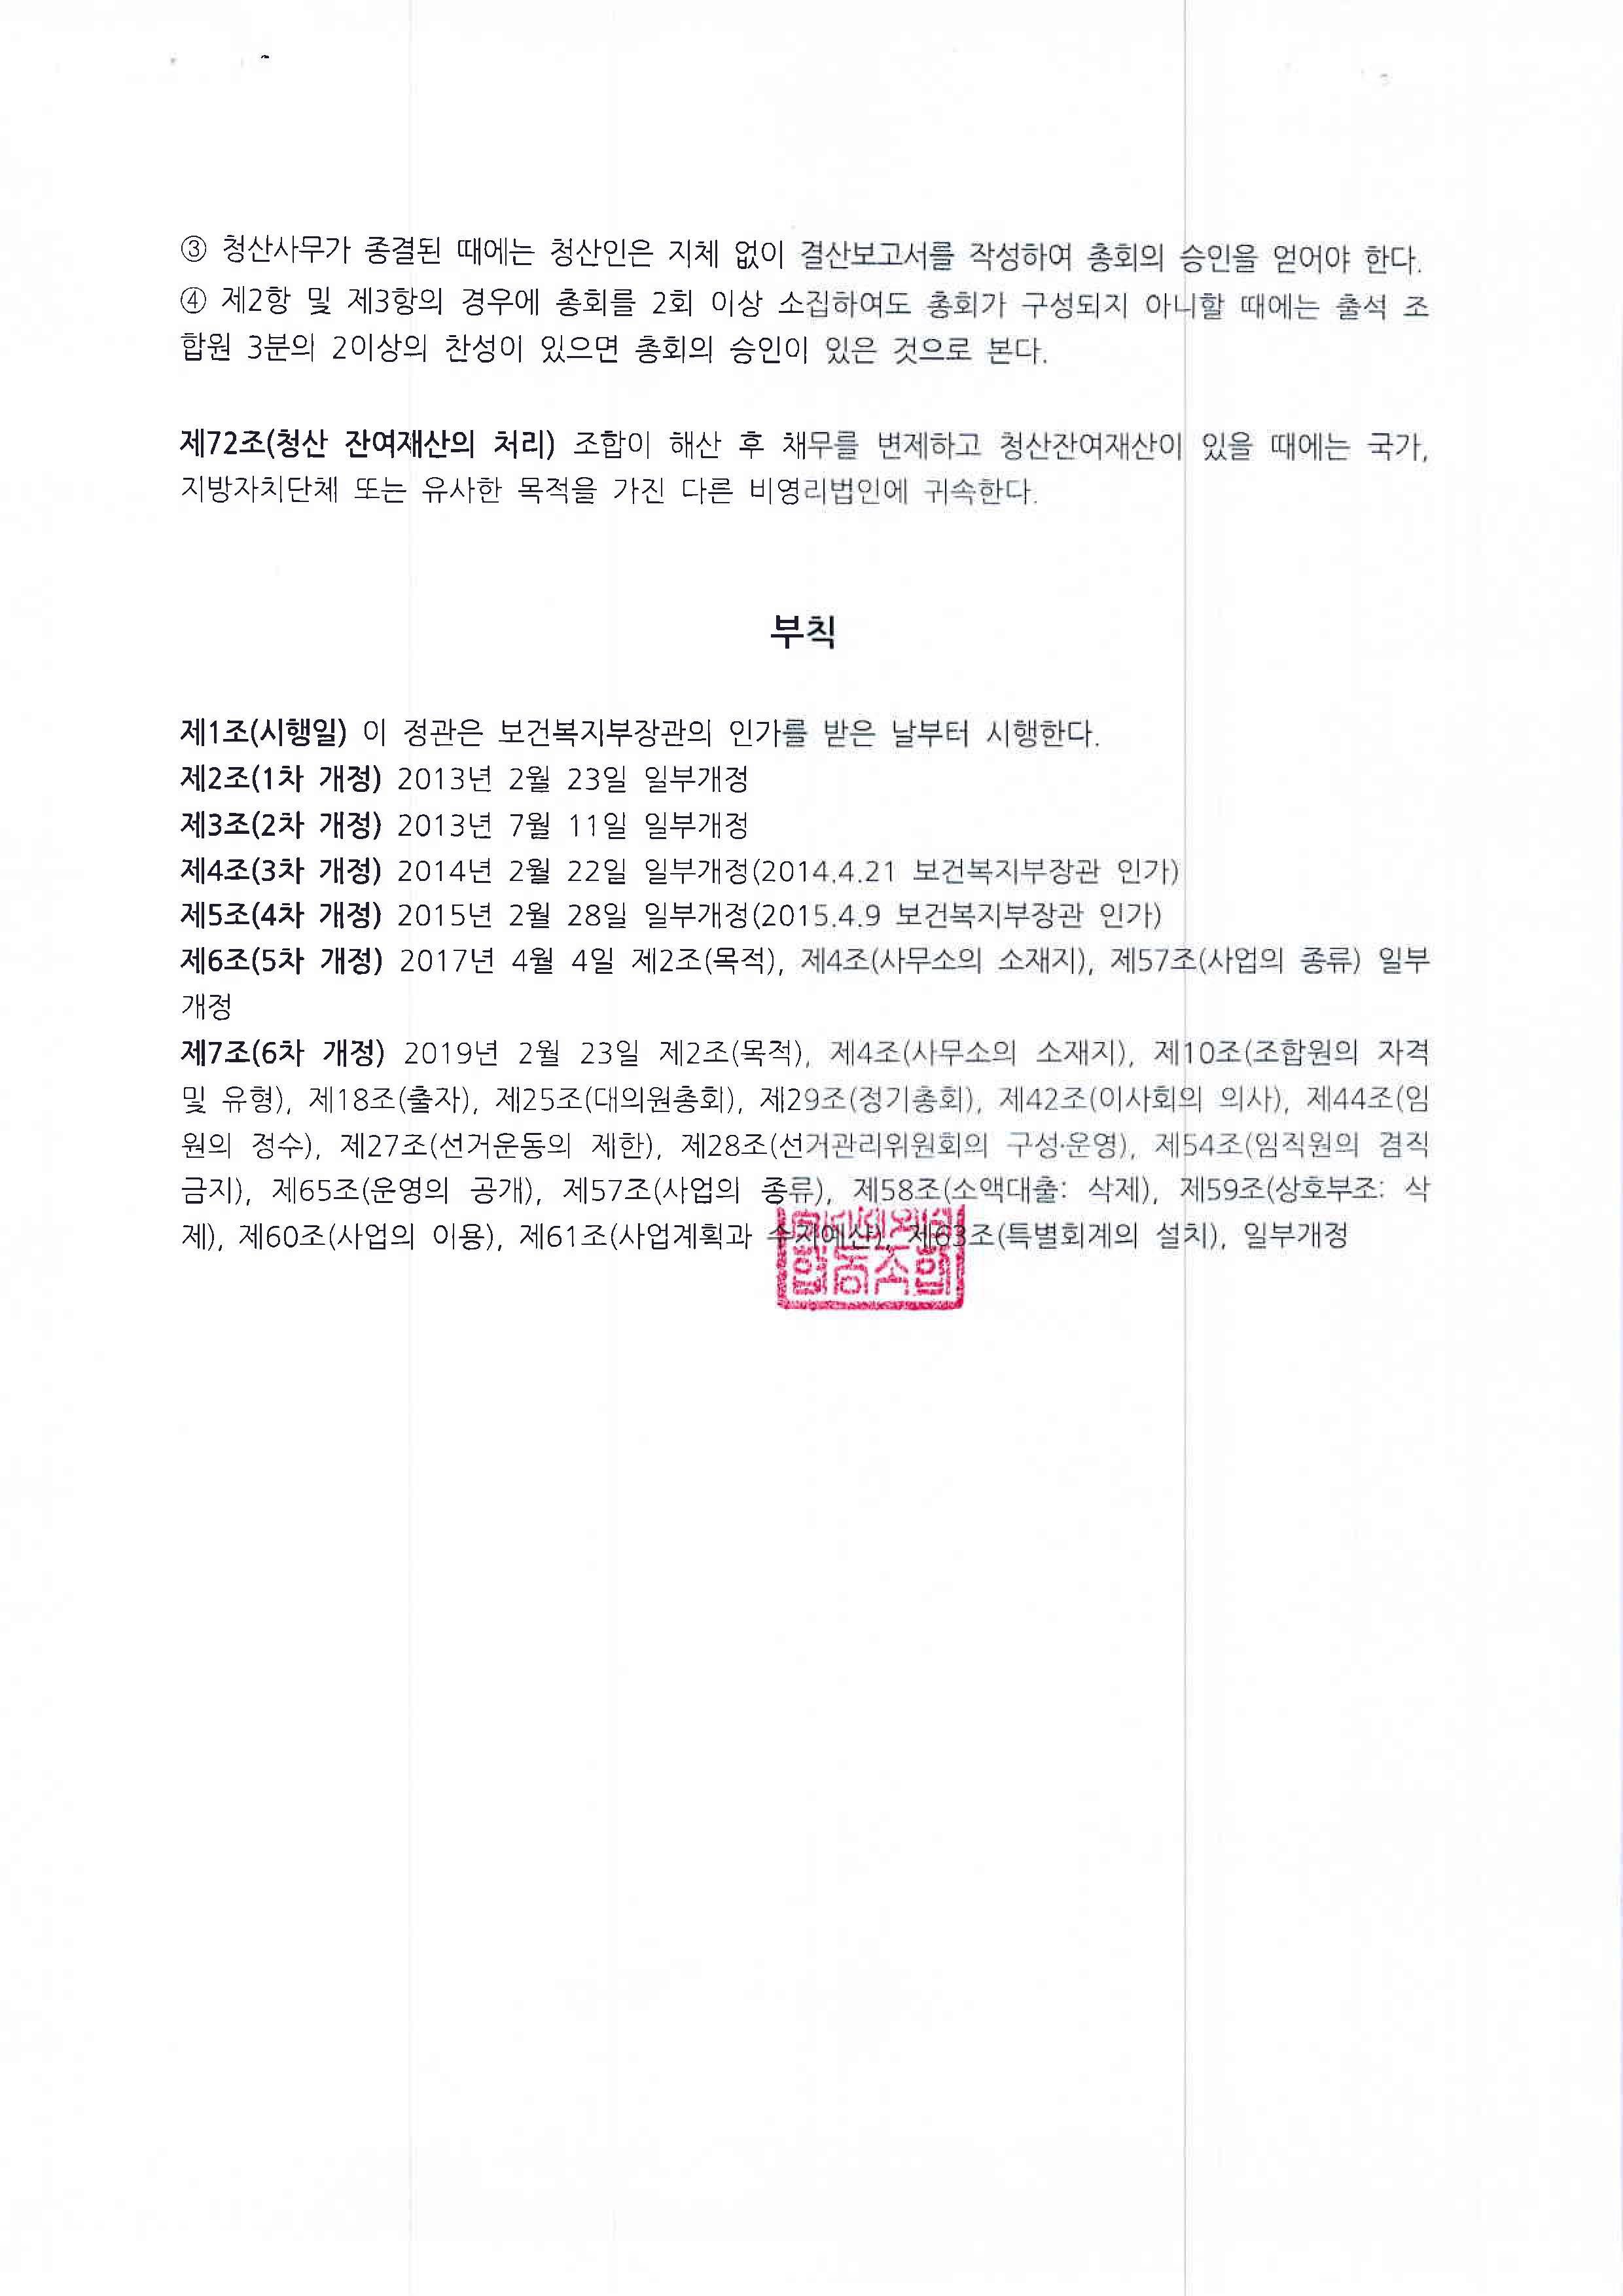 정관(20차 총회 개정안 반영)-원본대조필_페이지_17.jpg